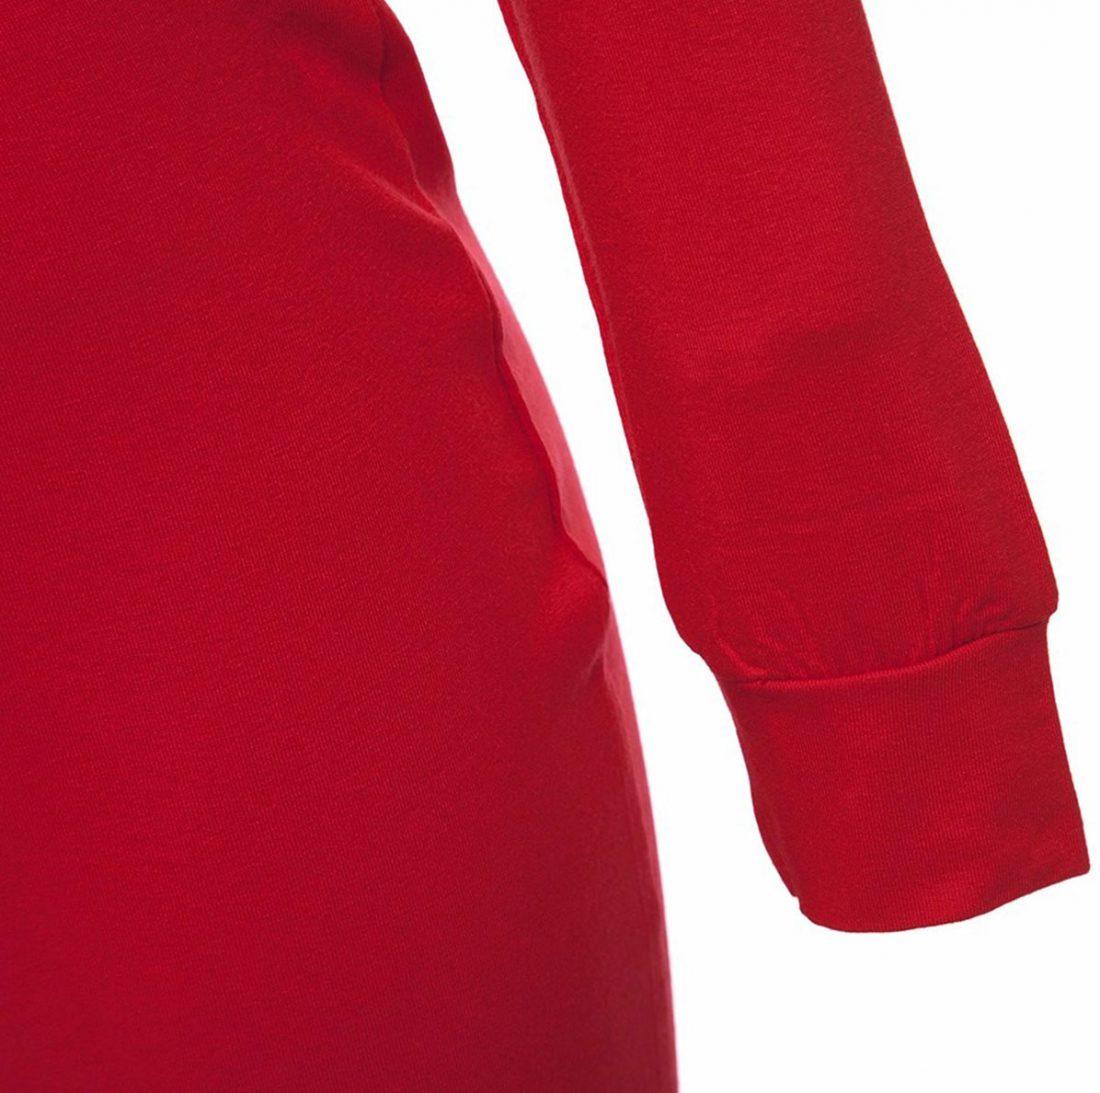 M0181 red7 Two Piece Sets Dresses maureens.com boutique